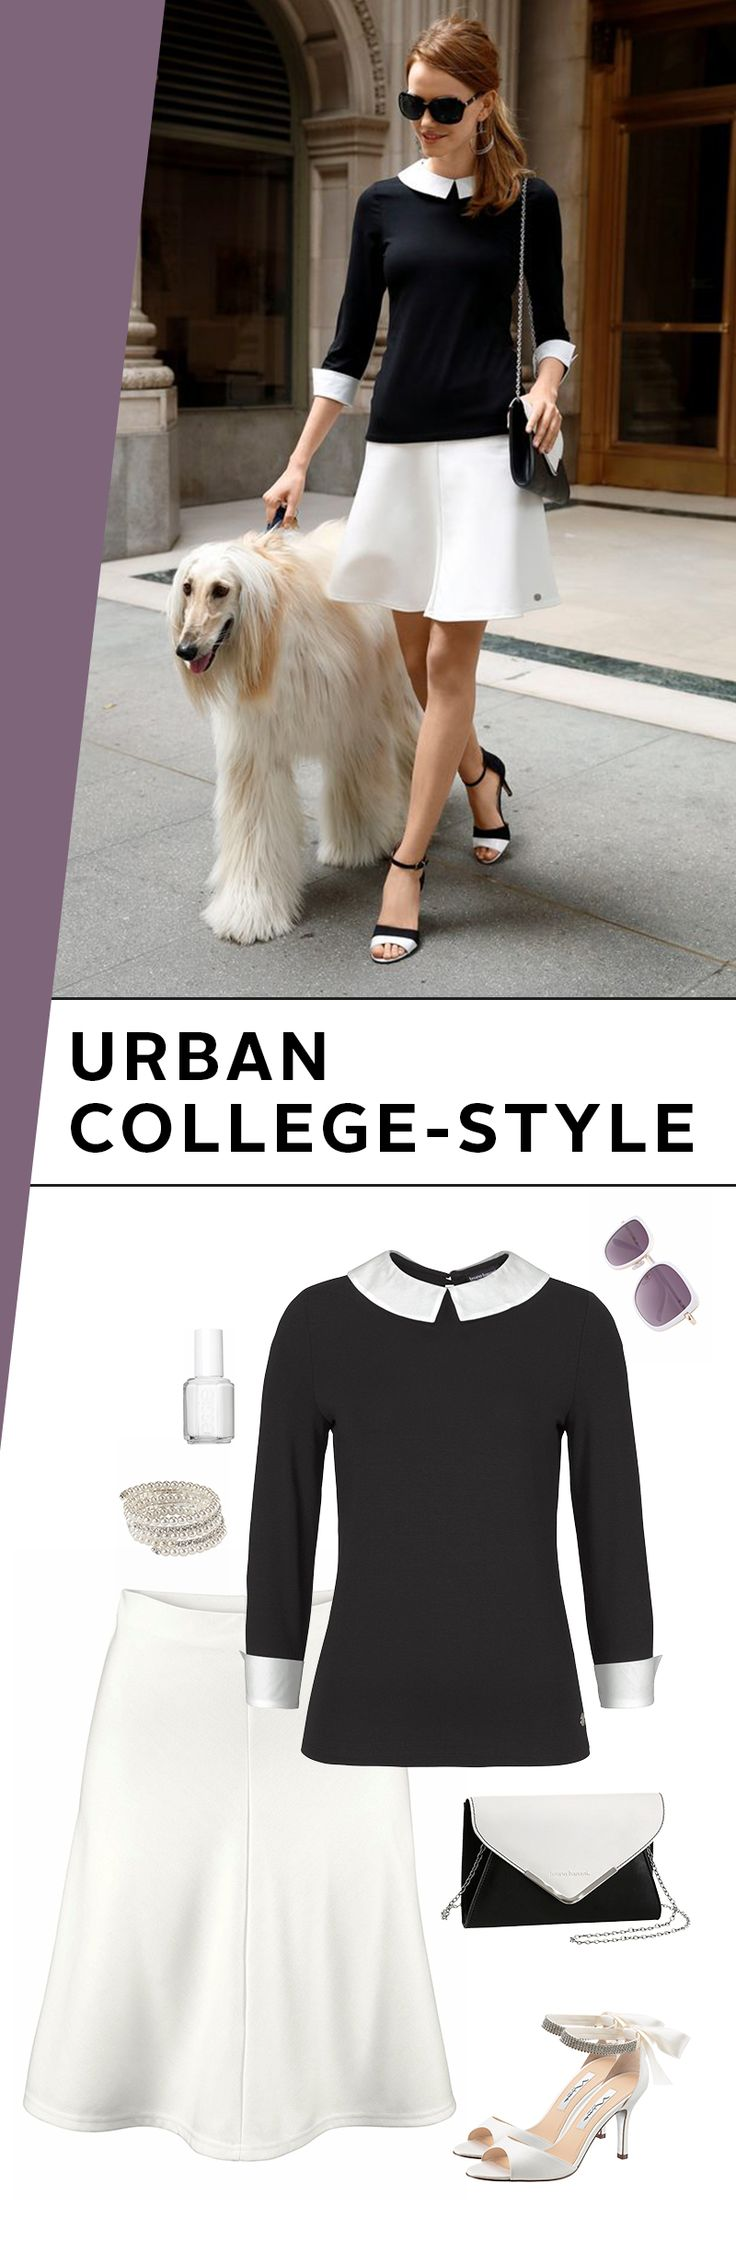 Das gibt eine glatte 1 in puncto Style und Eleganz! Der Urban College Look ist ein wunderschöner Mix aus klassischen College-Elementen wie dem Shirt mit Bubikragen oder dem Jerseyrock – und eleganten Hinguckern wie den glitzernden Sandaletten.